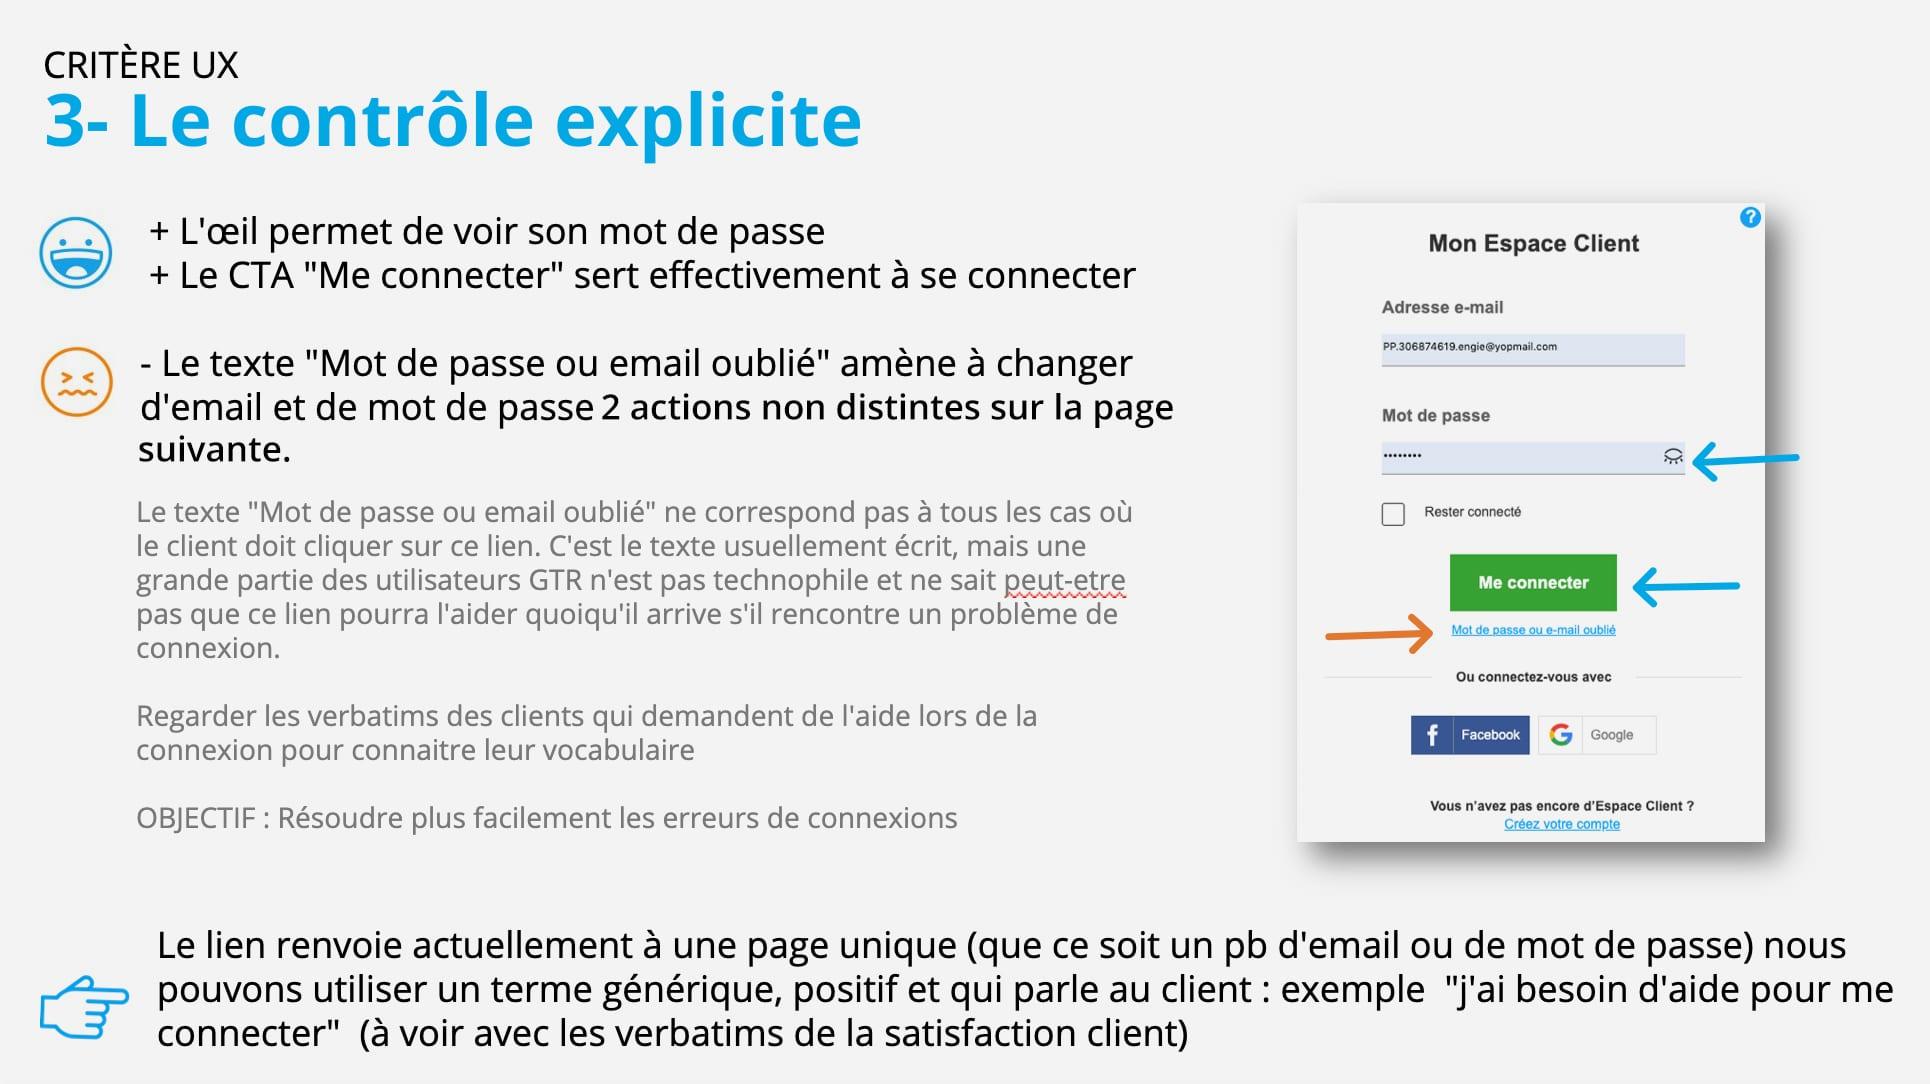 Audit - Critère UX : controle explicite